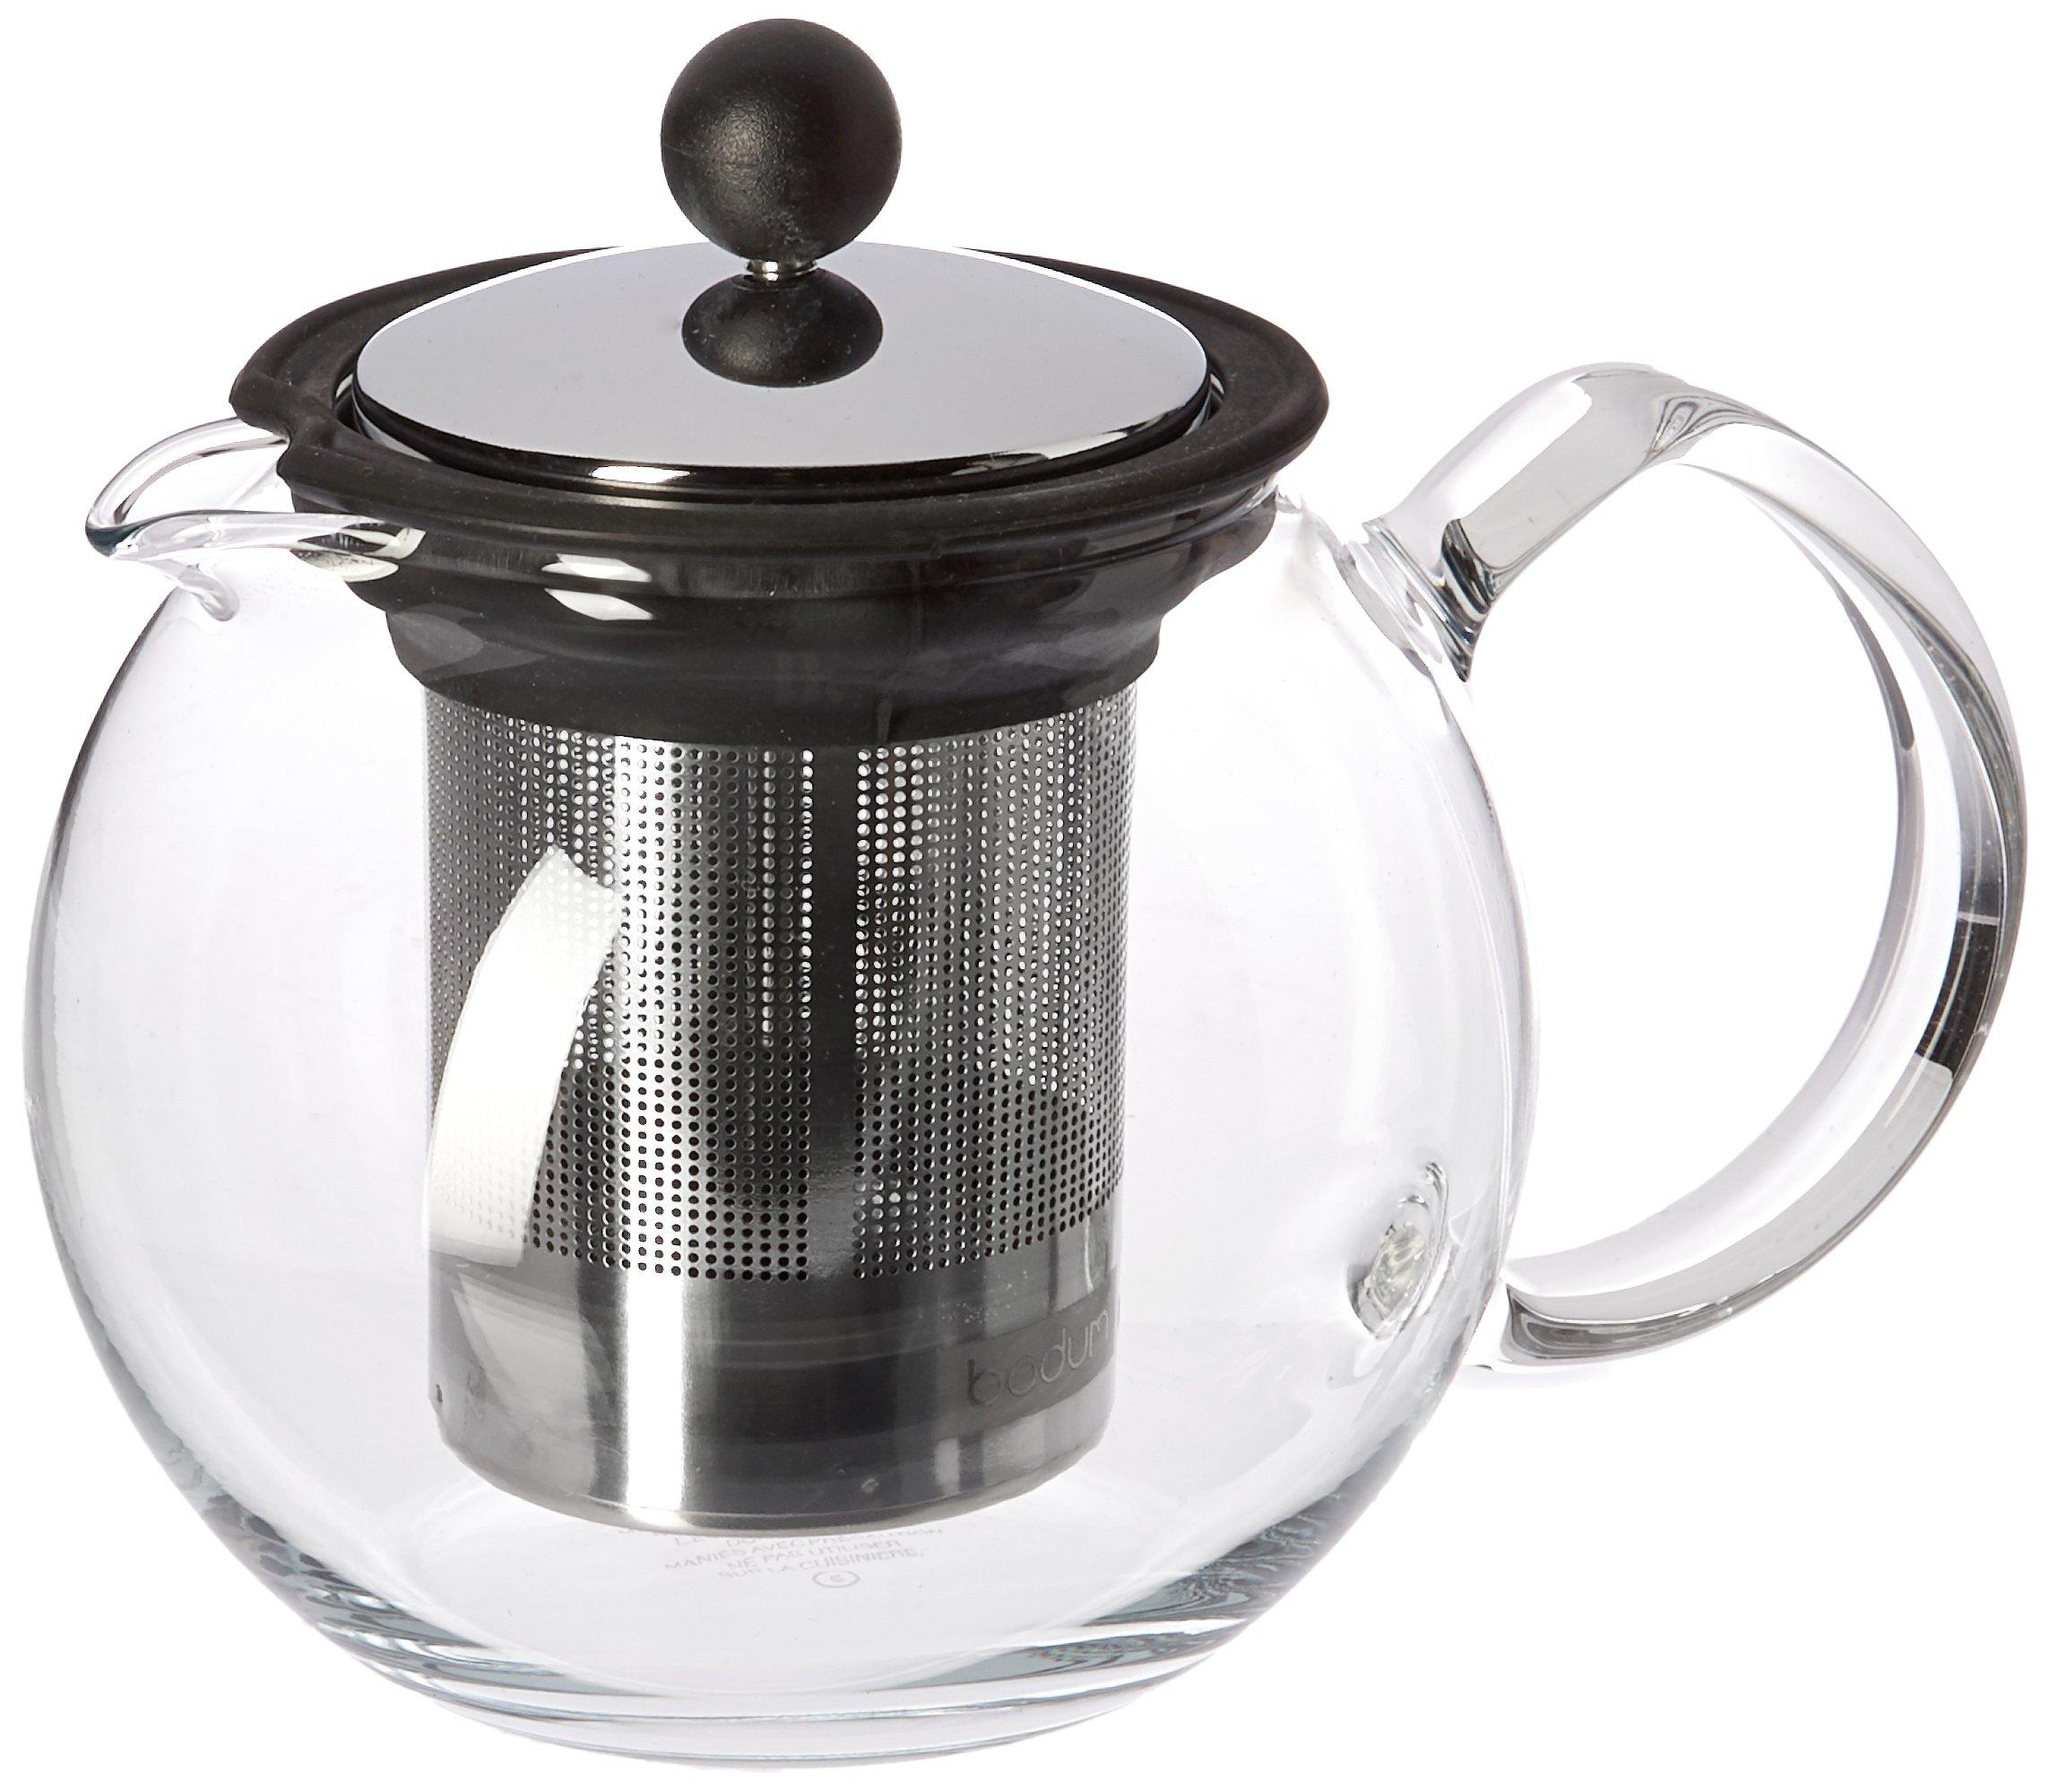 Bodum Assam Tea Press with Stainless Steel Filter, 17-Ounce